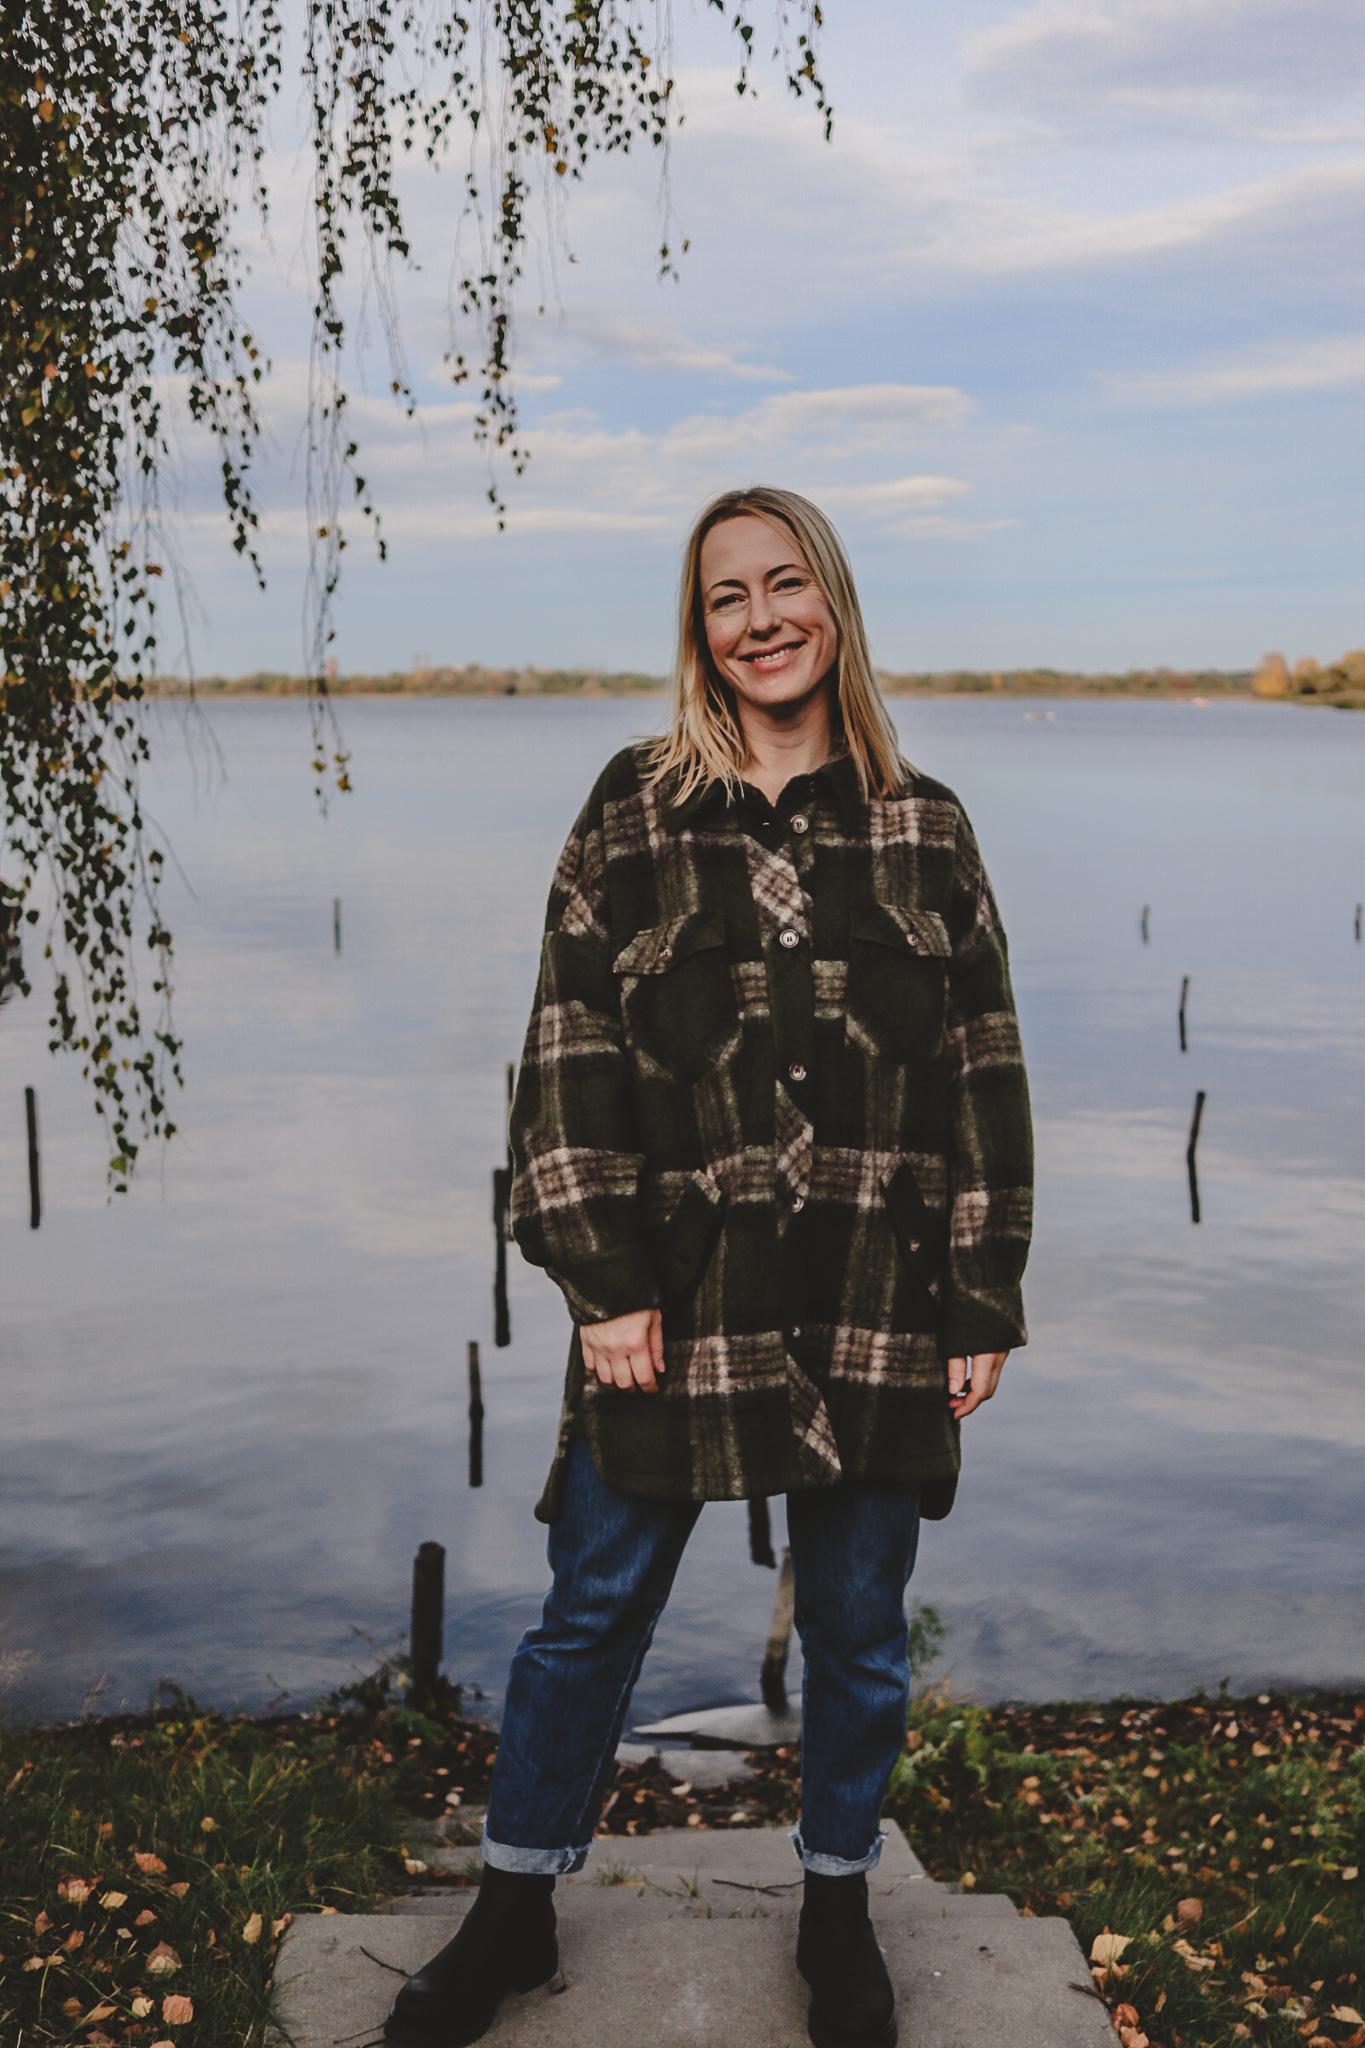 Geplant war nur ein Kaffee: Seensucht trifft Landleben